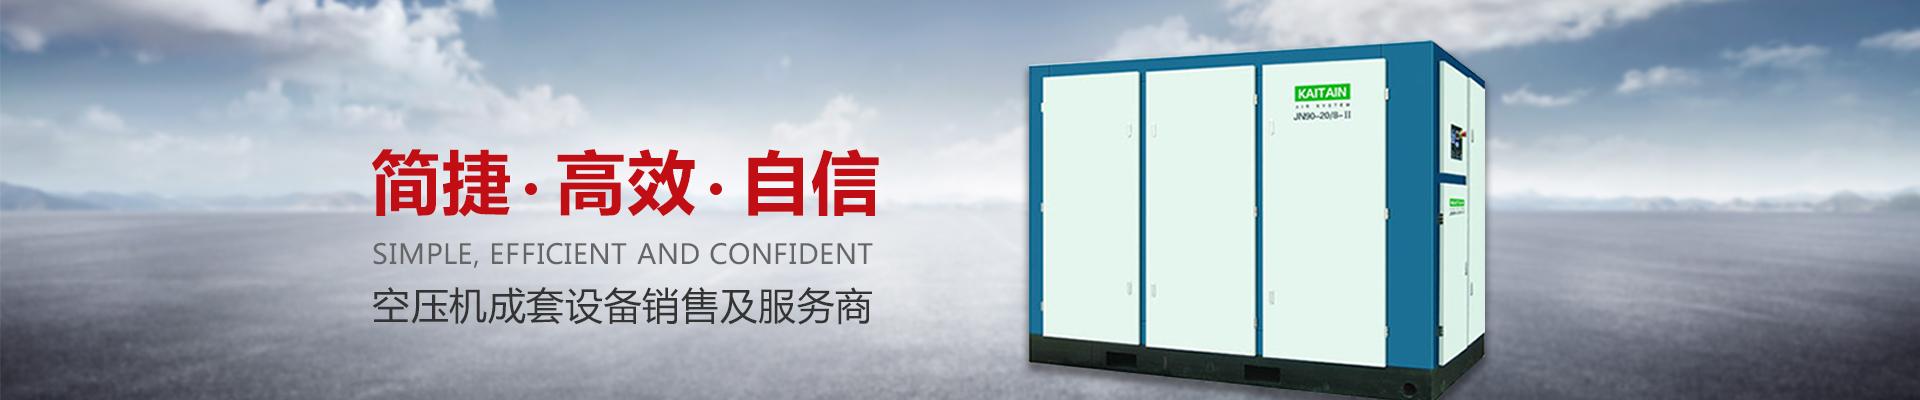 重庆永磁变频空压机维修